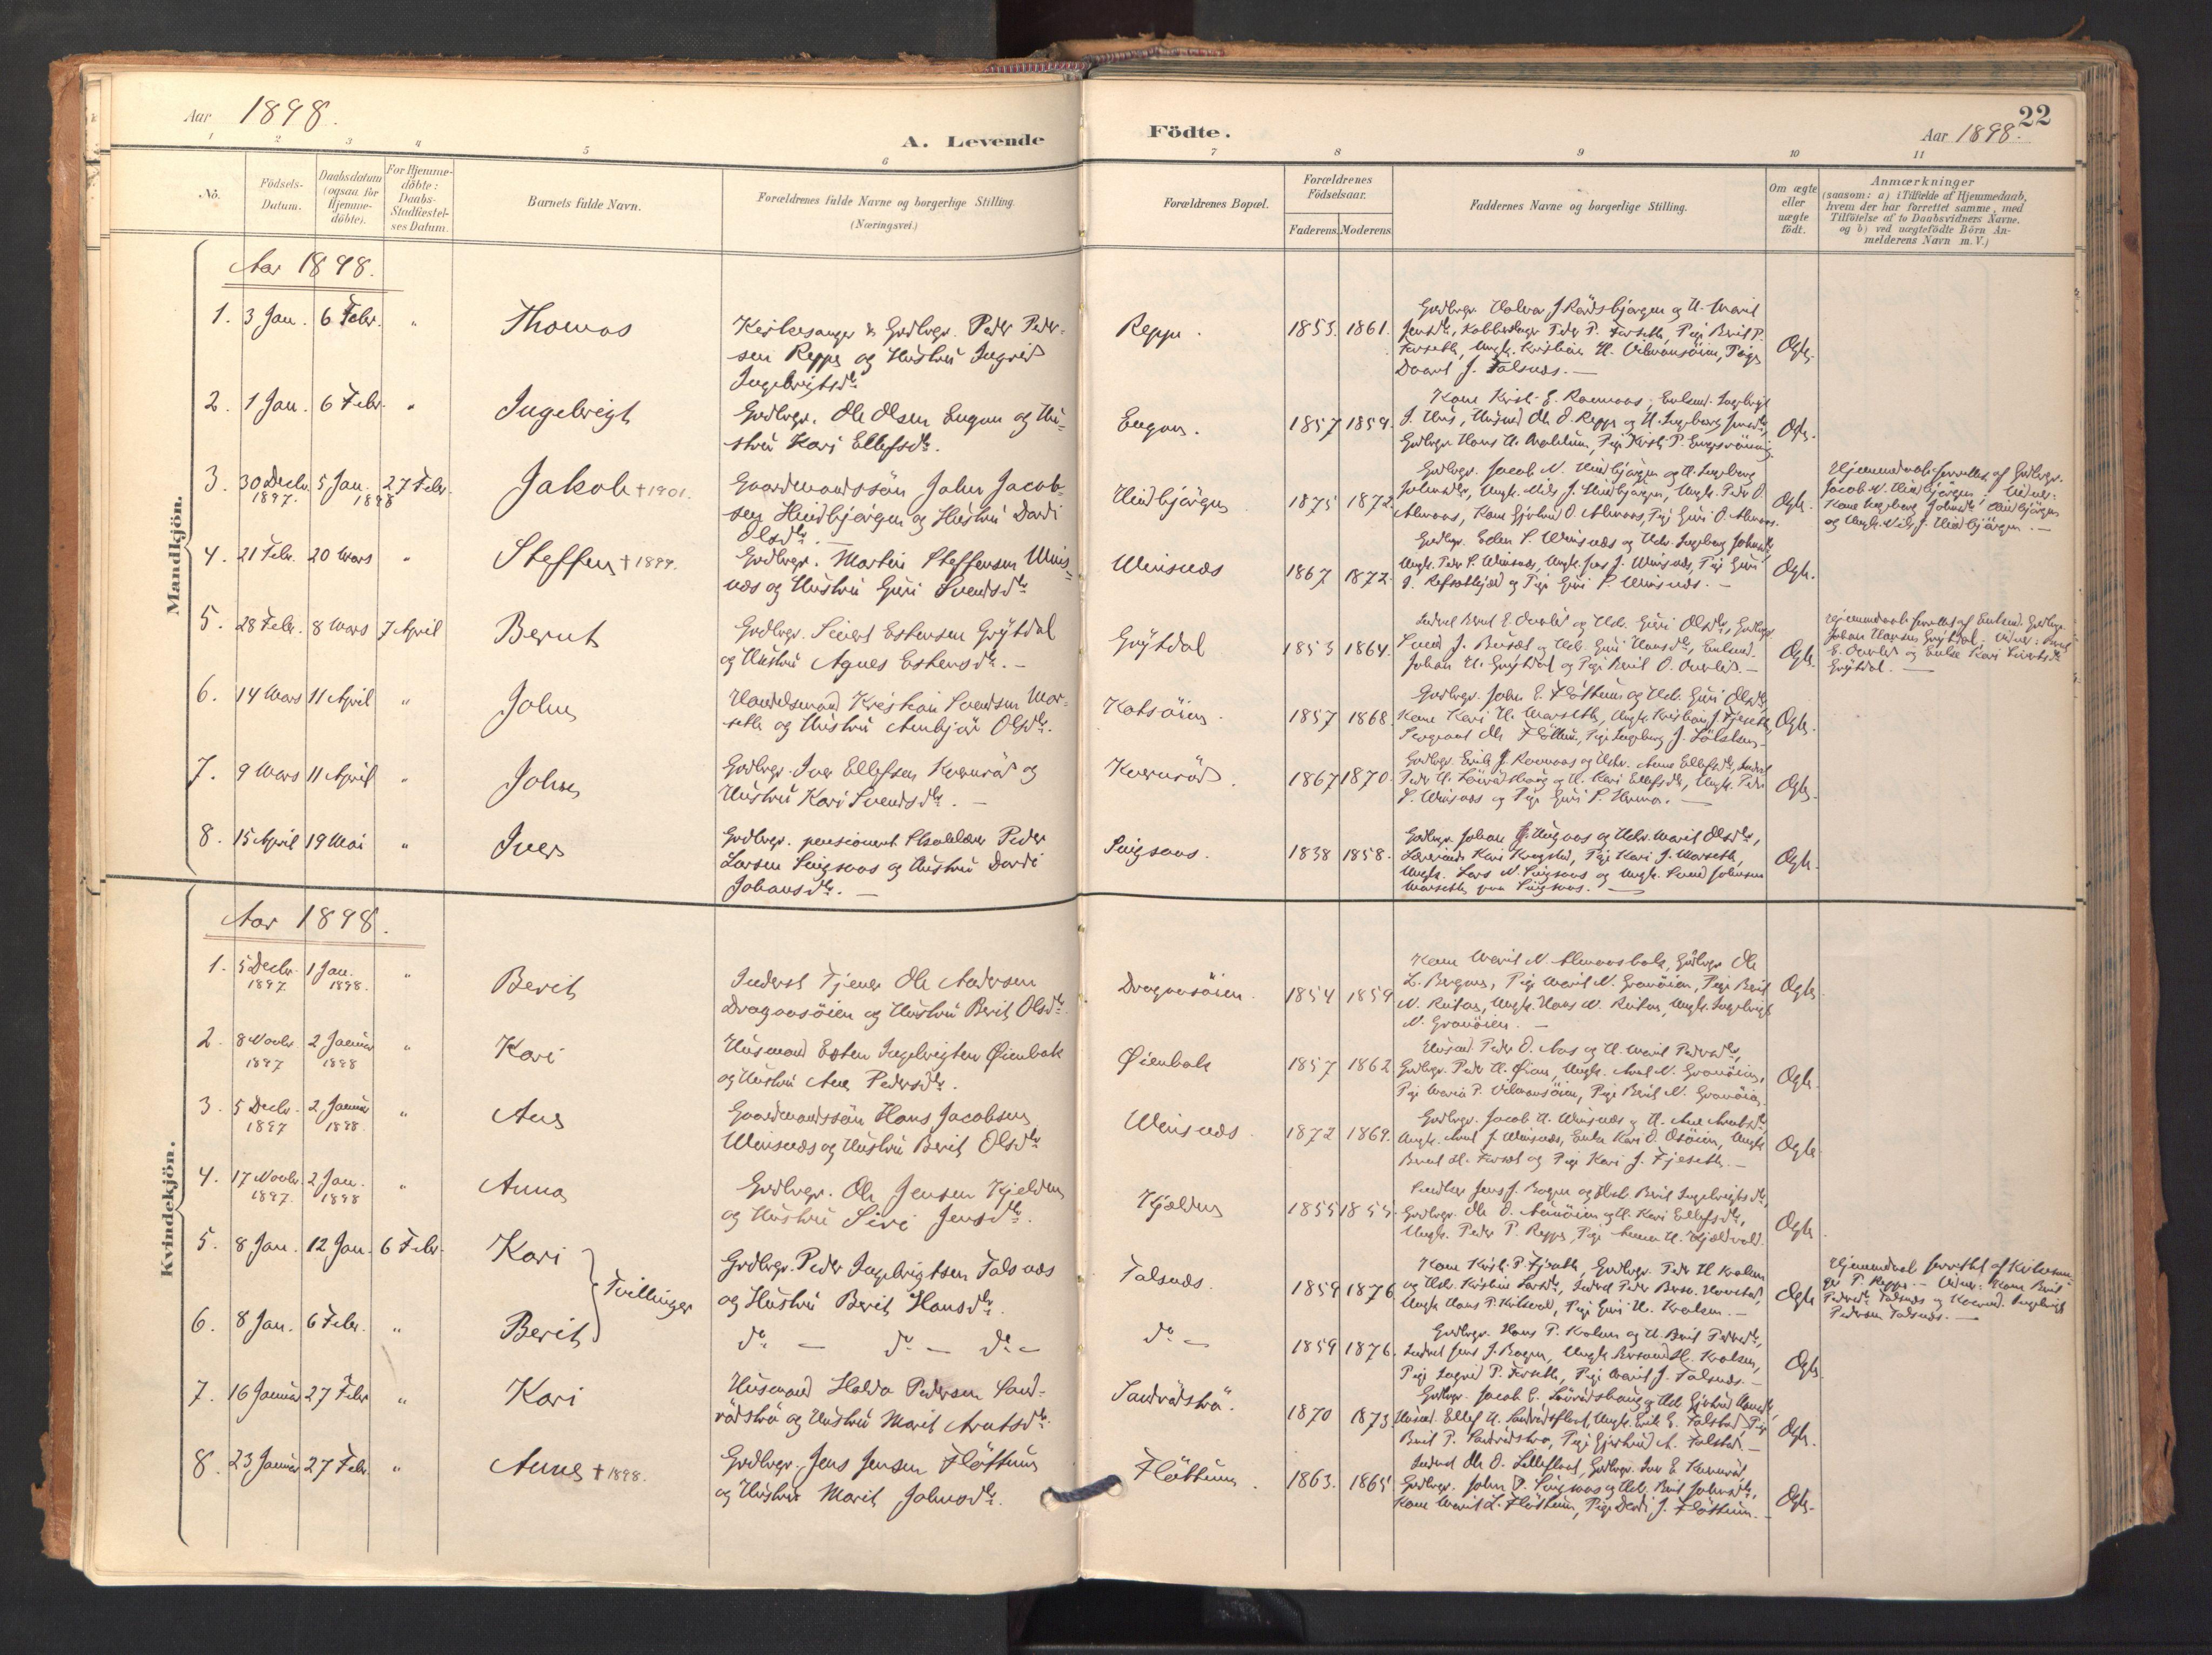 SAT, Ministerialprotokoller, klokkerbøker og fødselsregistre - Sør-Trøndelag, 688/L1025: Ministerialbok nr. 688A02, 1891-1909, s. 22